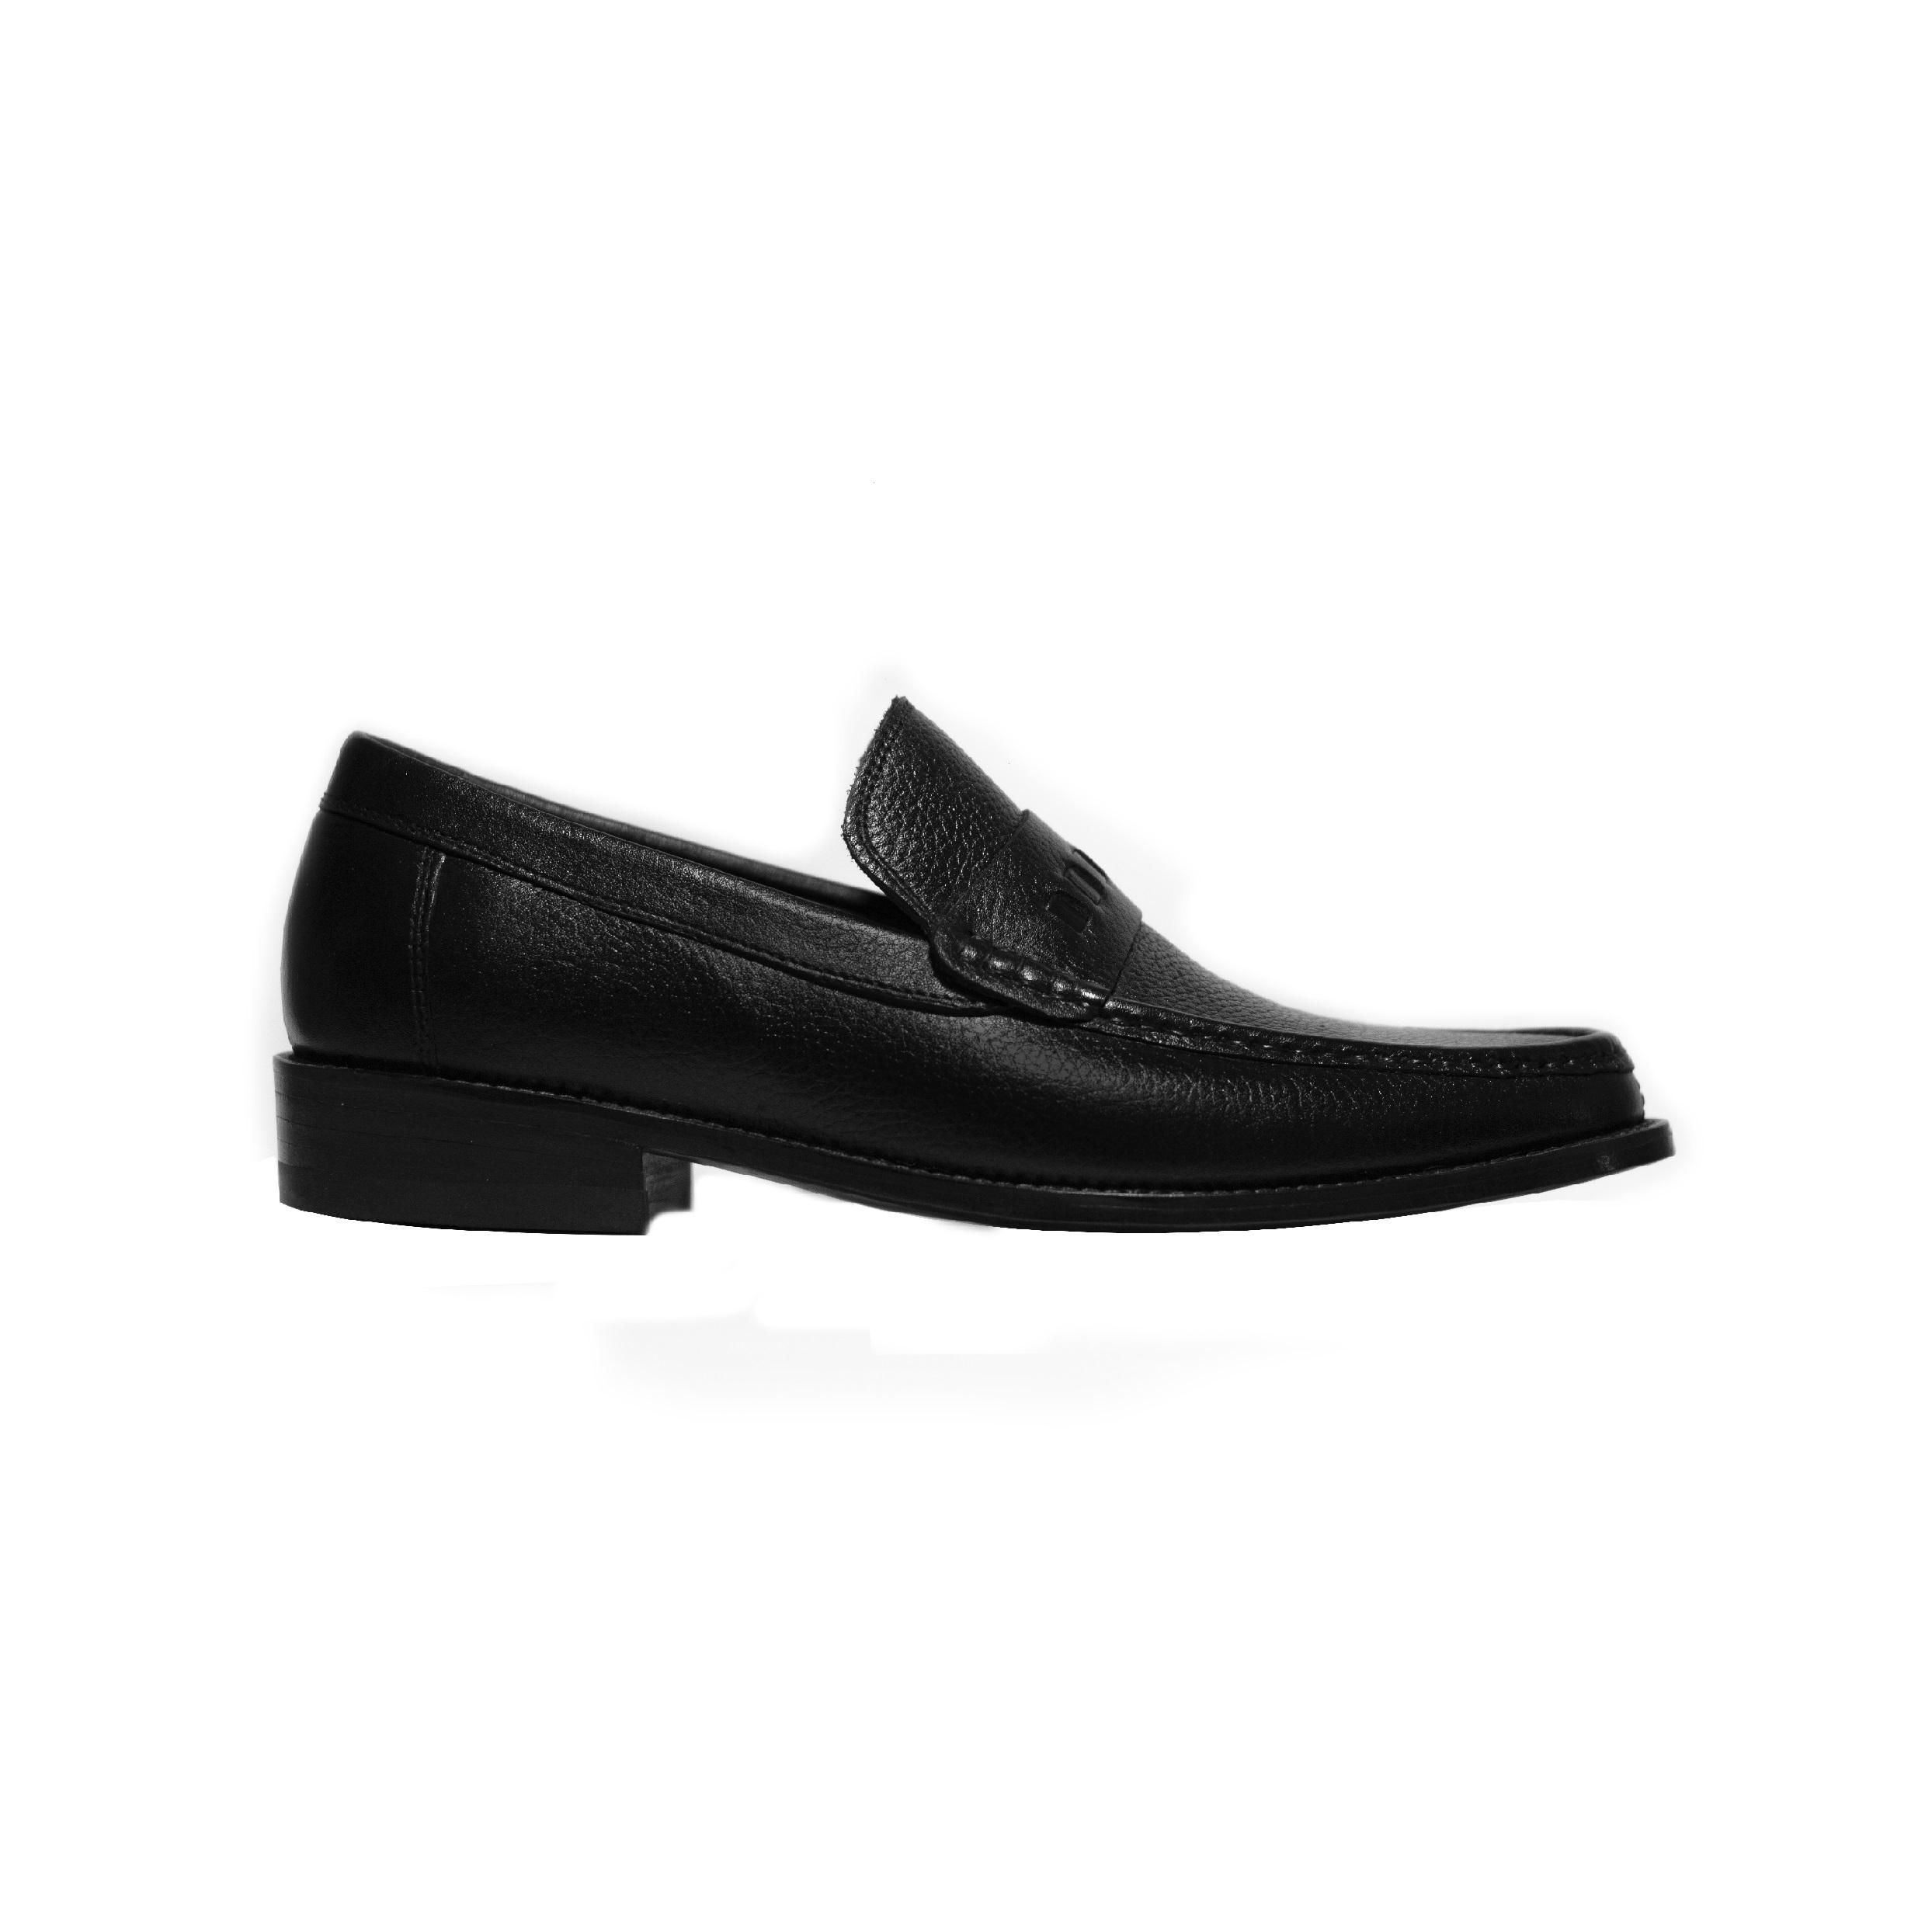 کفش مردانه کد 1200 -  - 1